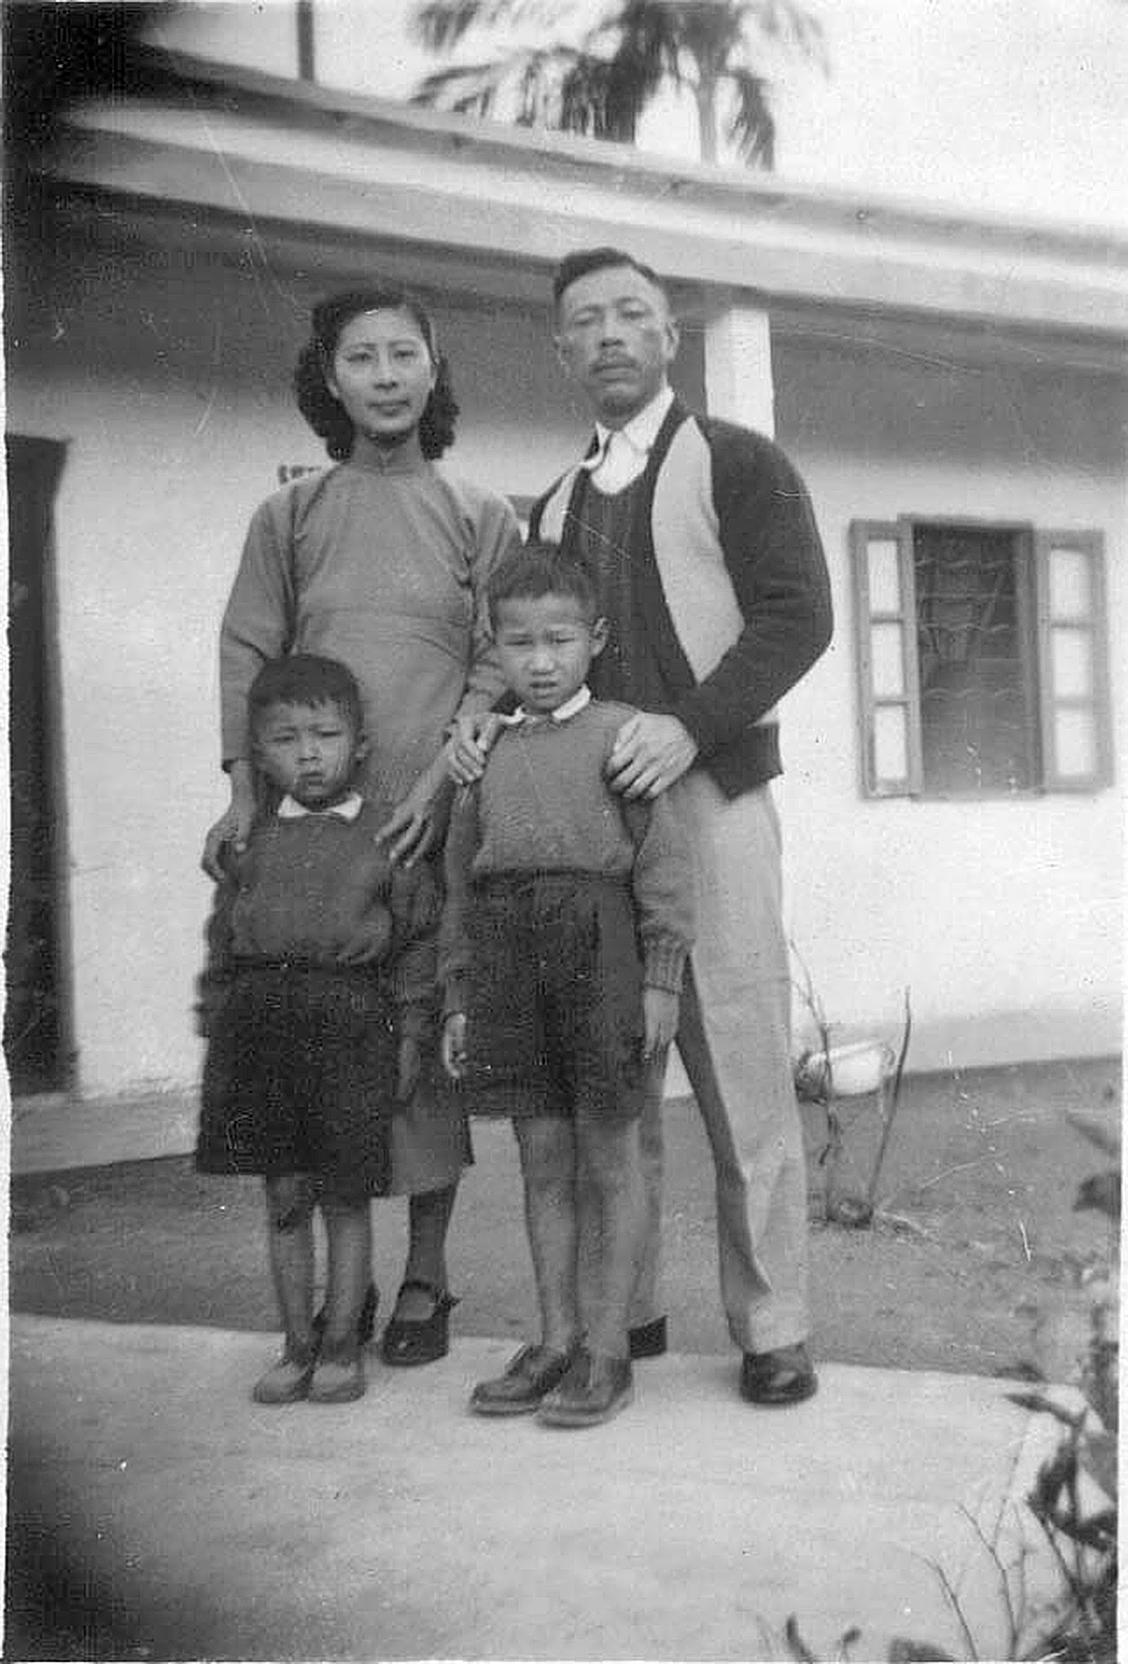 我們一家四口臨離開九龍牛池灣難民營,即將乘船赴台灣之前所攝,背景中的房子不是我們住的那個鐵皮屋,大概當時父母親覺得它「不堪入鏡」吧(作者提供)